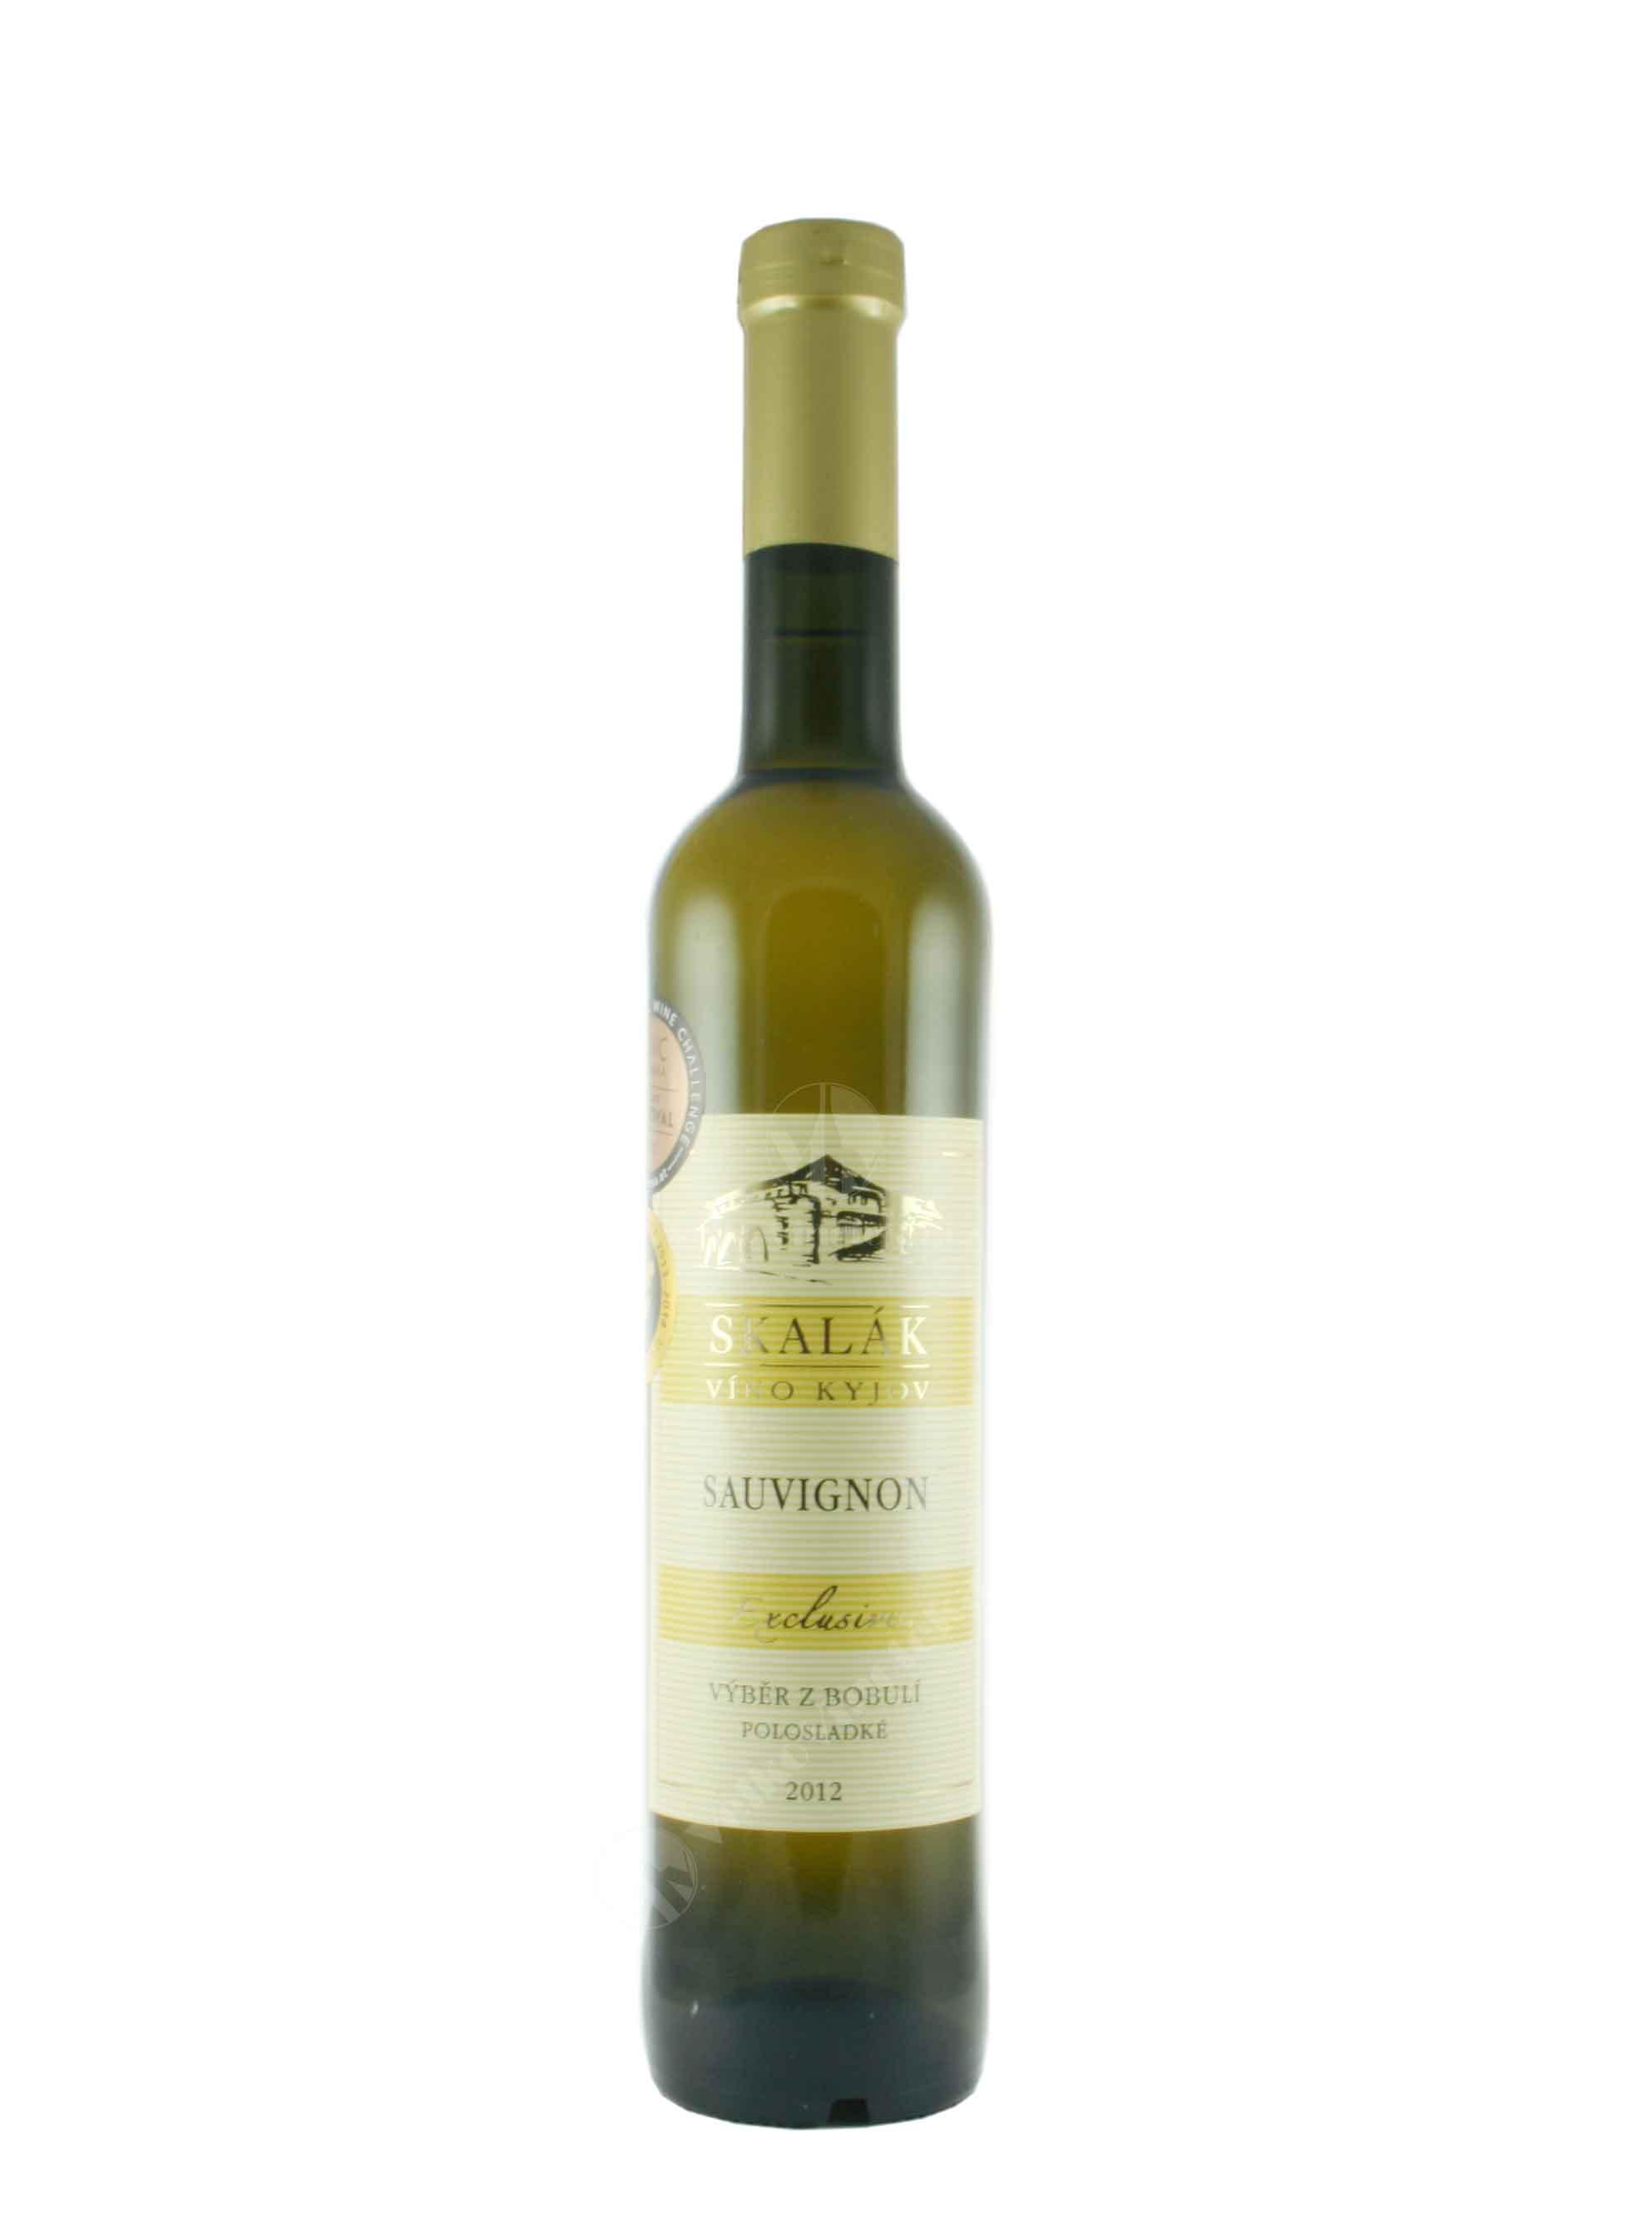 Sauvignon, Exclusive, Výběr z bobulí, 2012, Sklep Skalák, 0.5 l